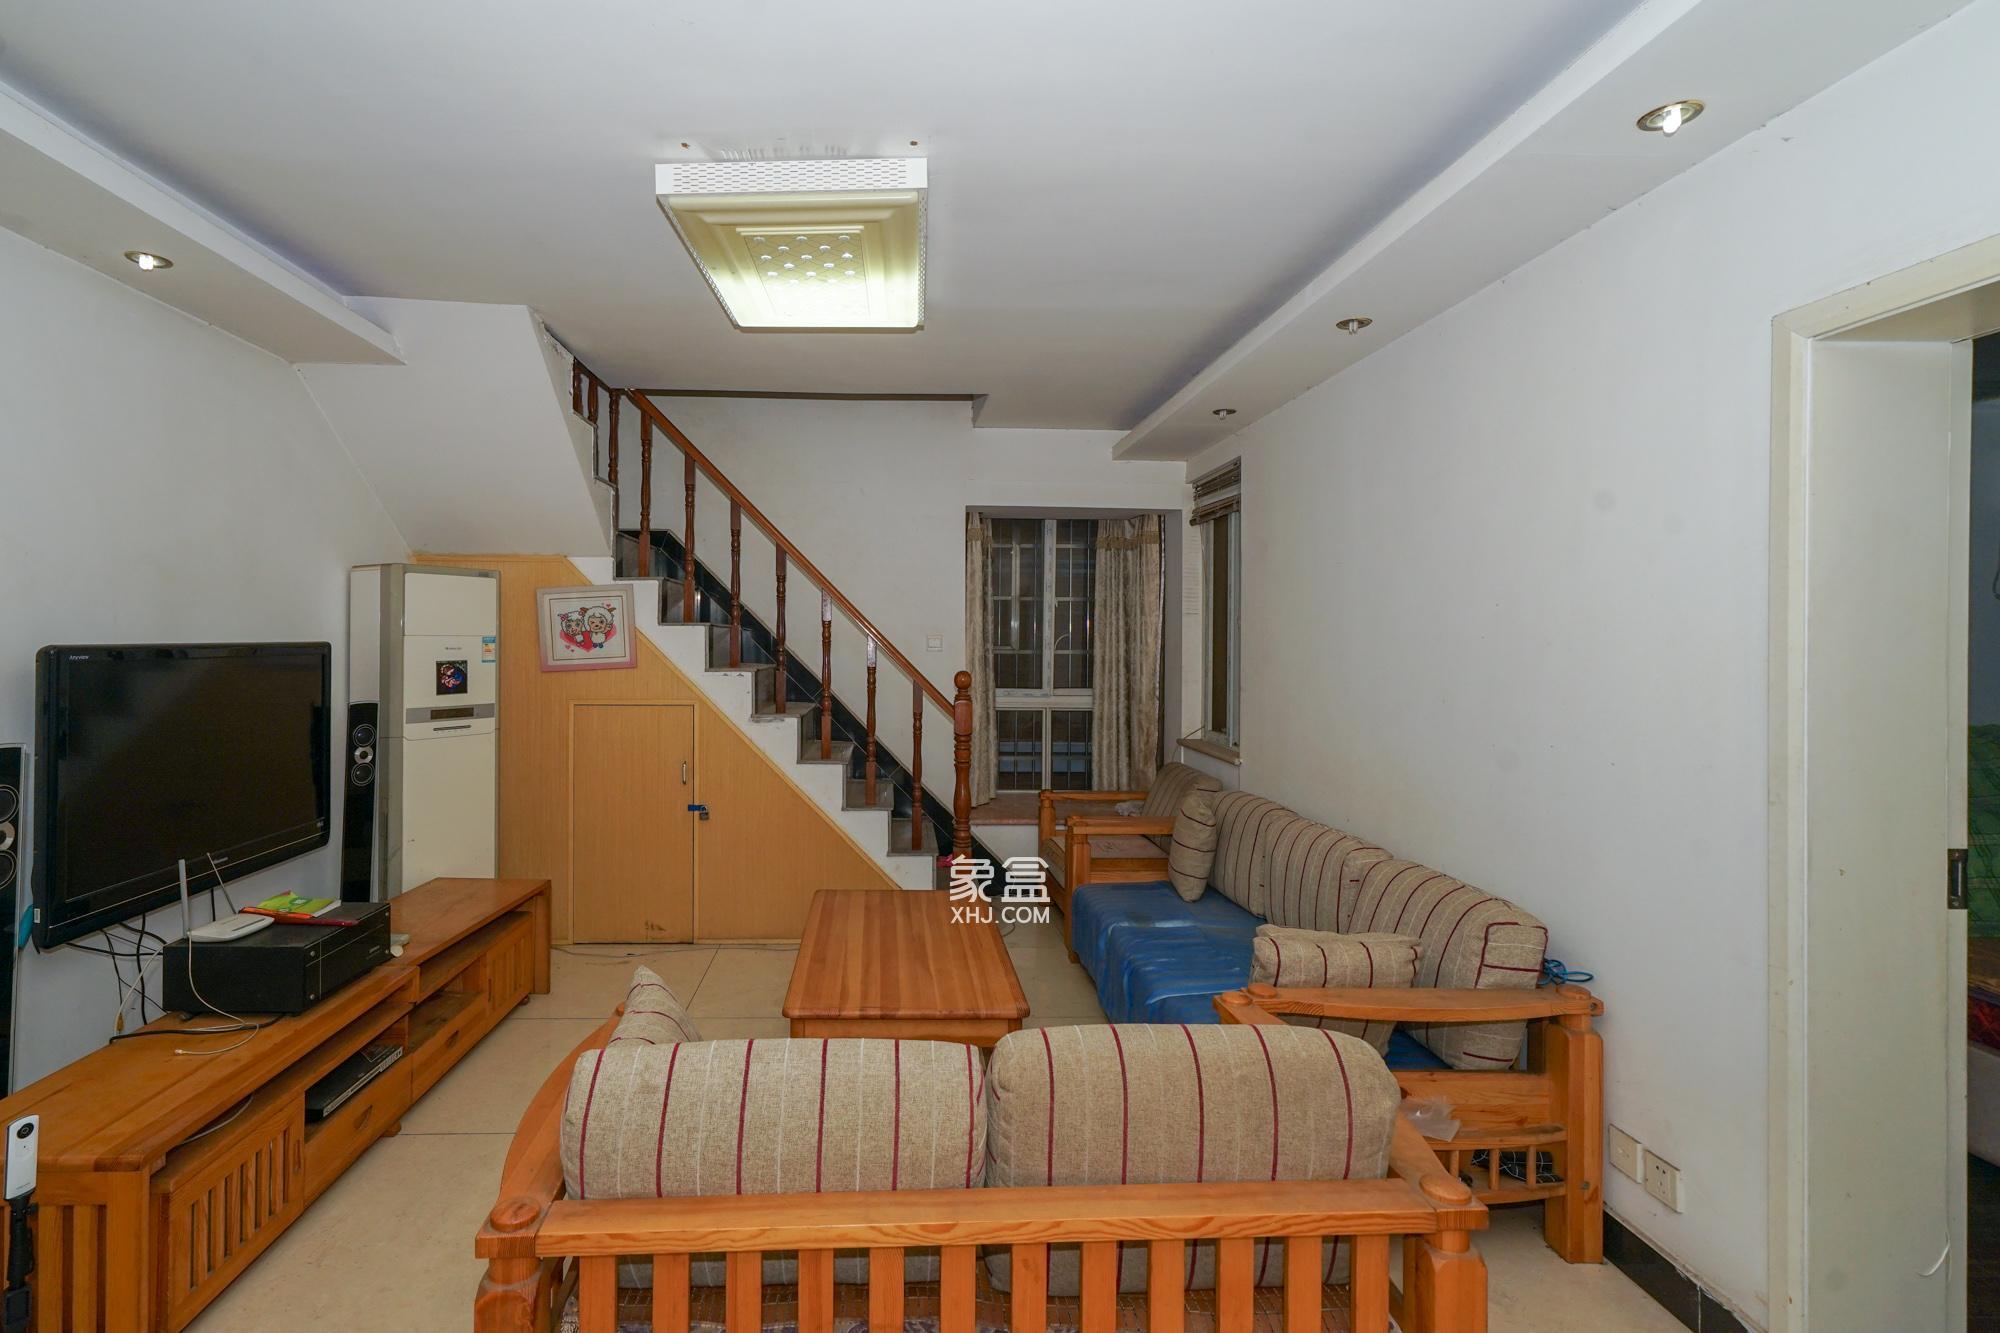 景环小区  复式4室2厅2卫 一层顶两层   拎包入住